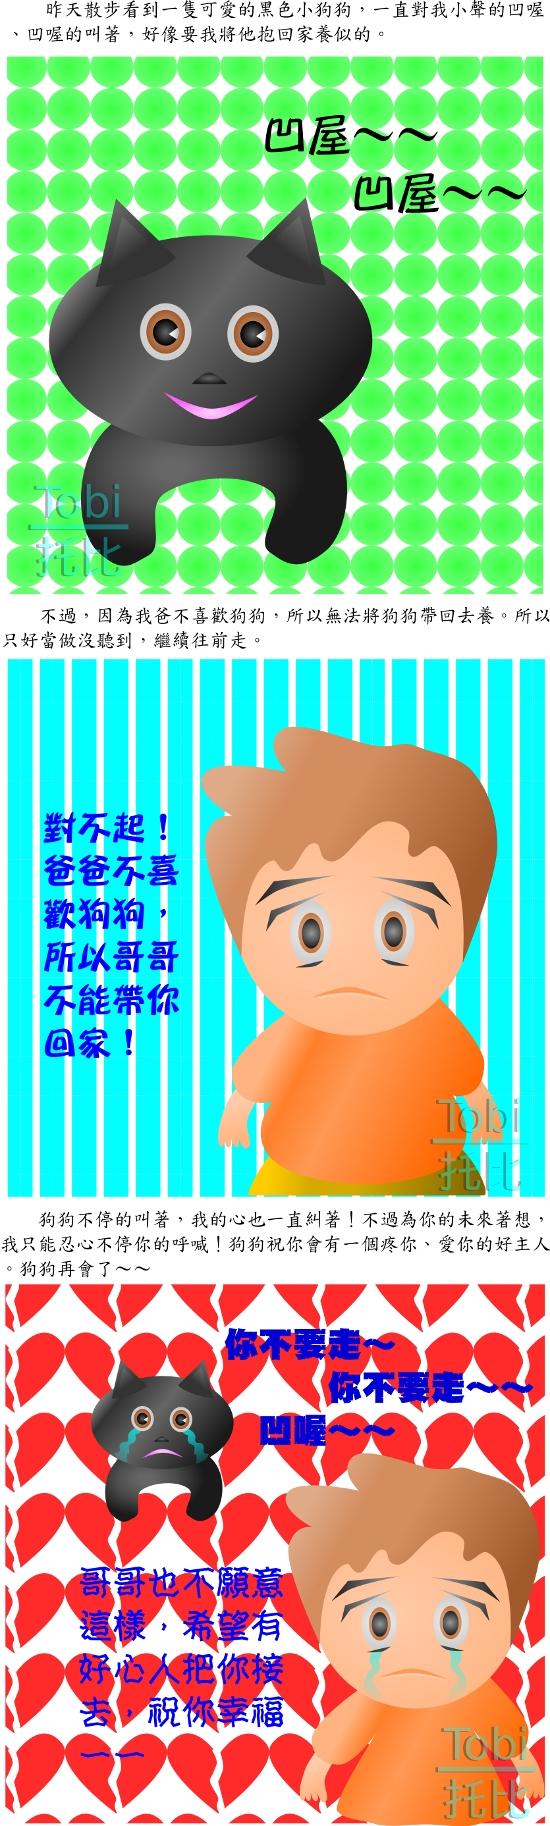 網誌20110713.jpg